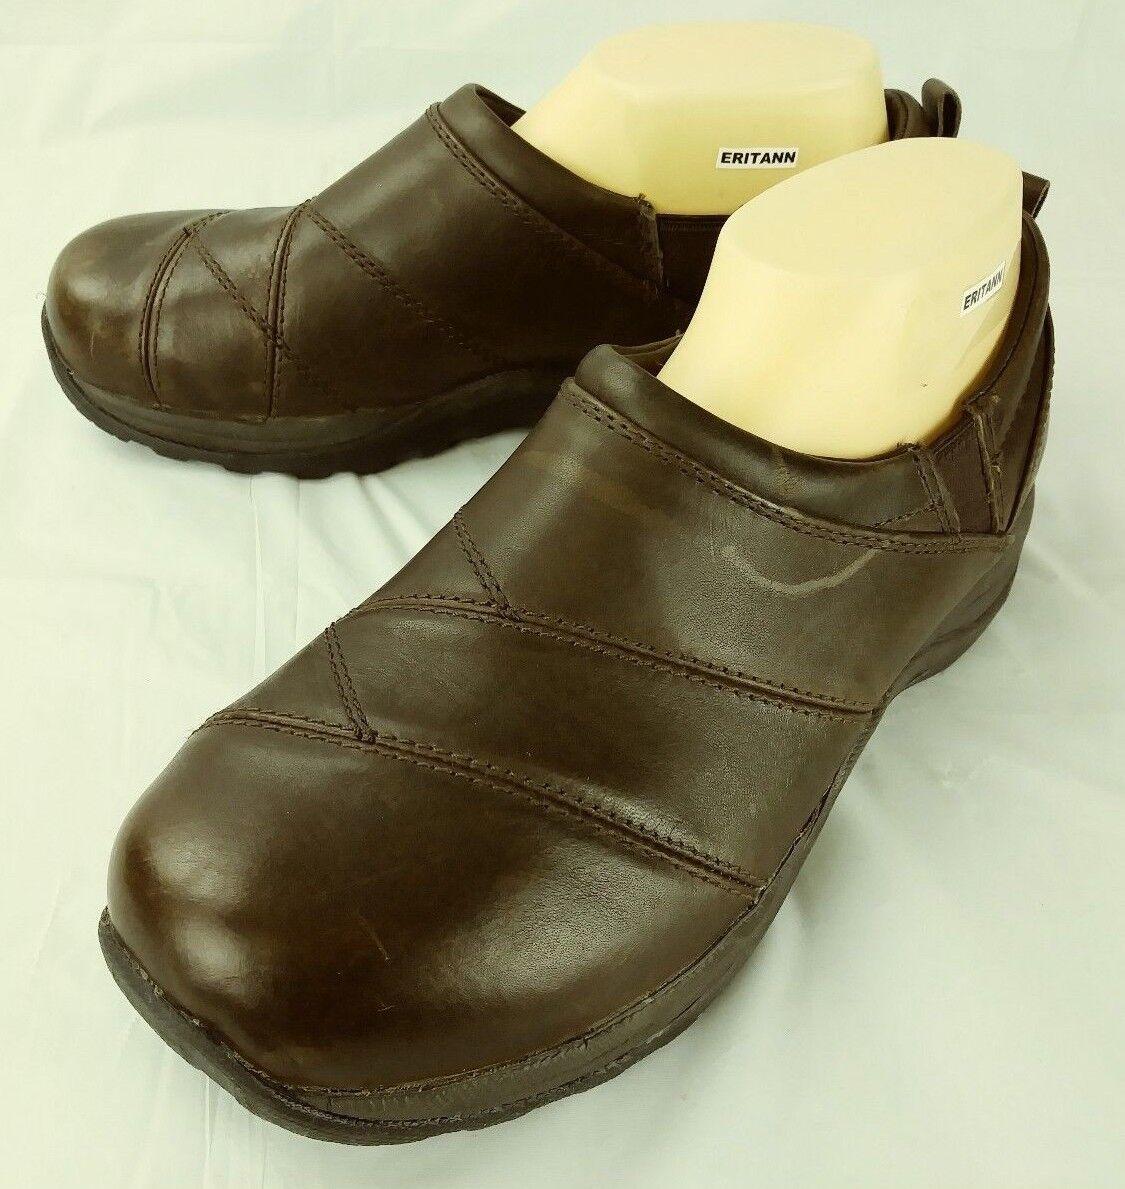 L.L Bean femmes Loafers Chelsea US 9.5 W marron Leather Slip On Walking 5740